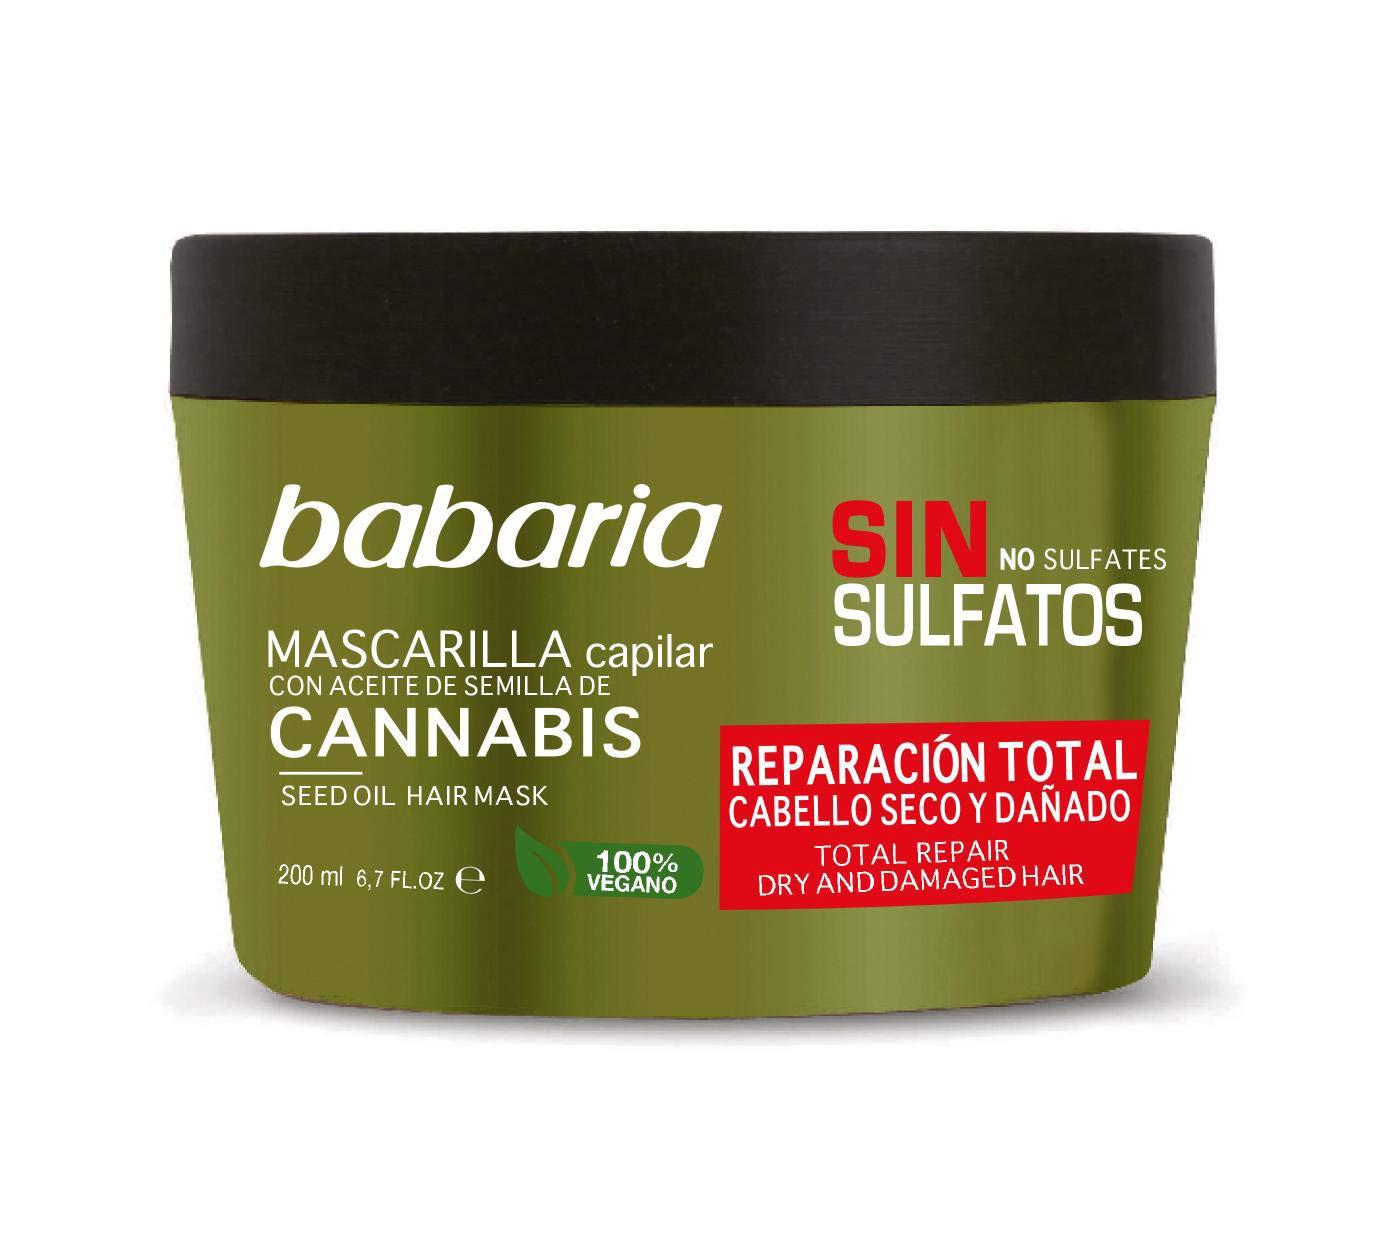 Babaria Cannabis Mascarilla Reparadora, 200 ml